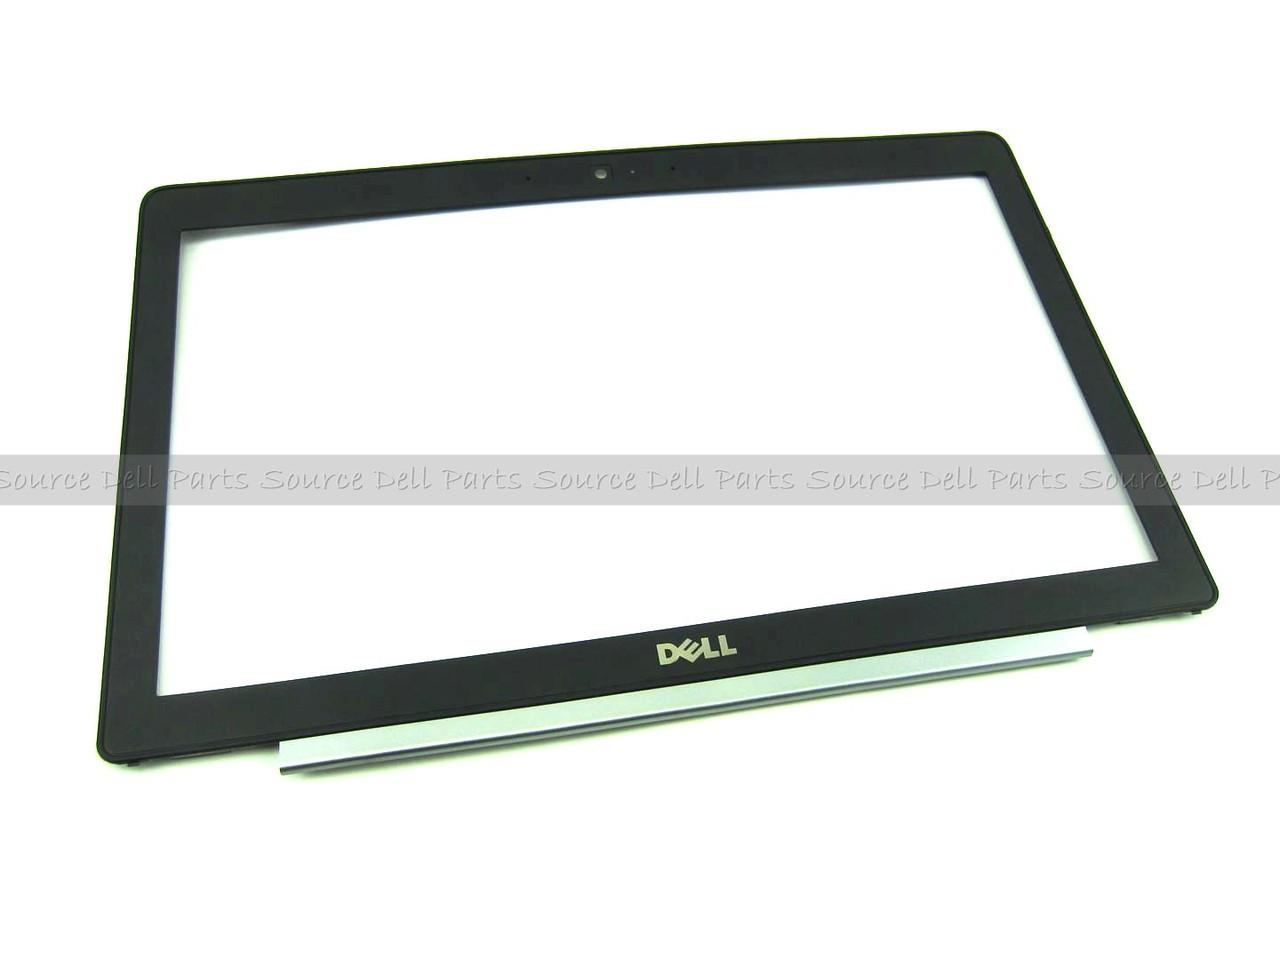 Dell Latitude E6220 LCD Front Trim Bezel with Camera Window - 89PWN